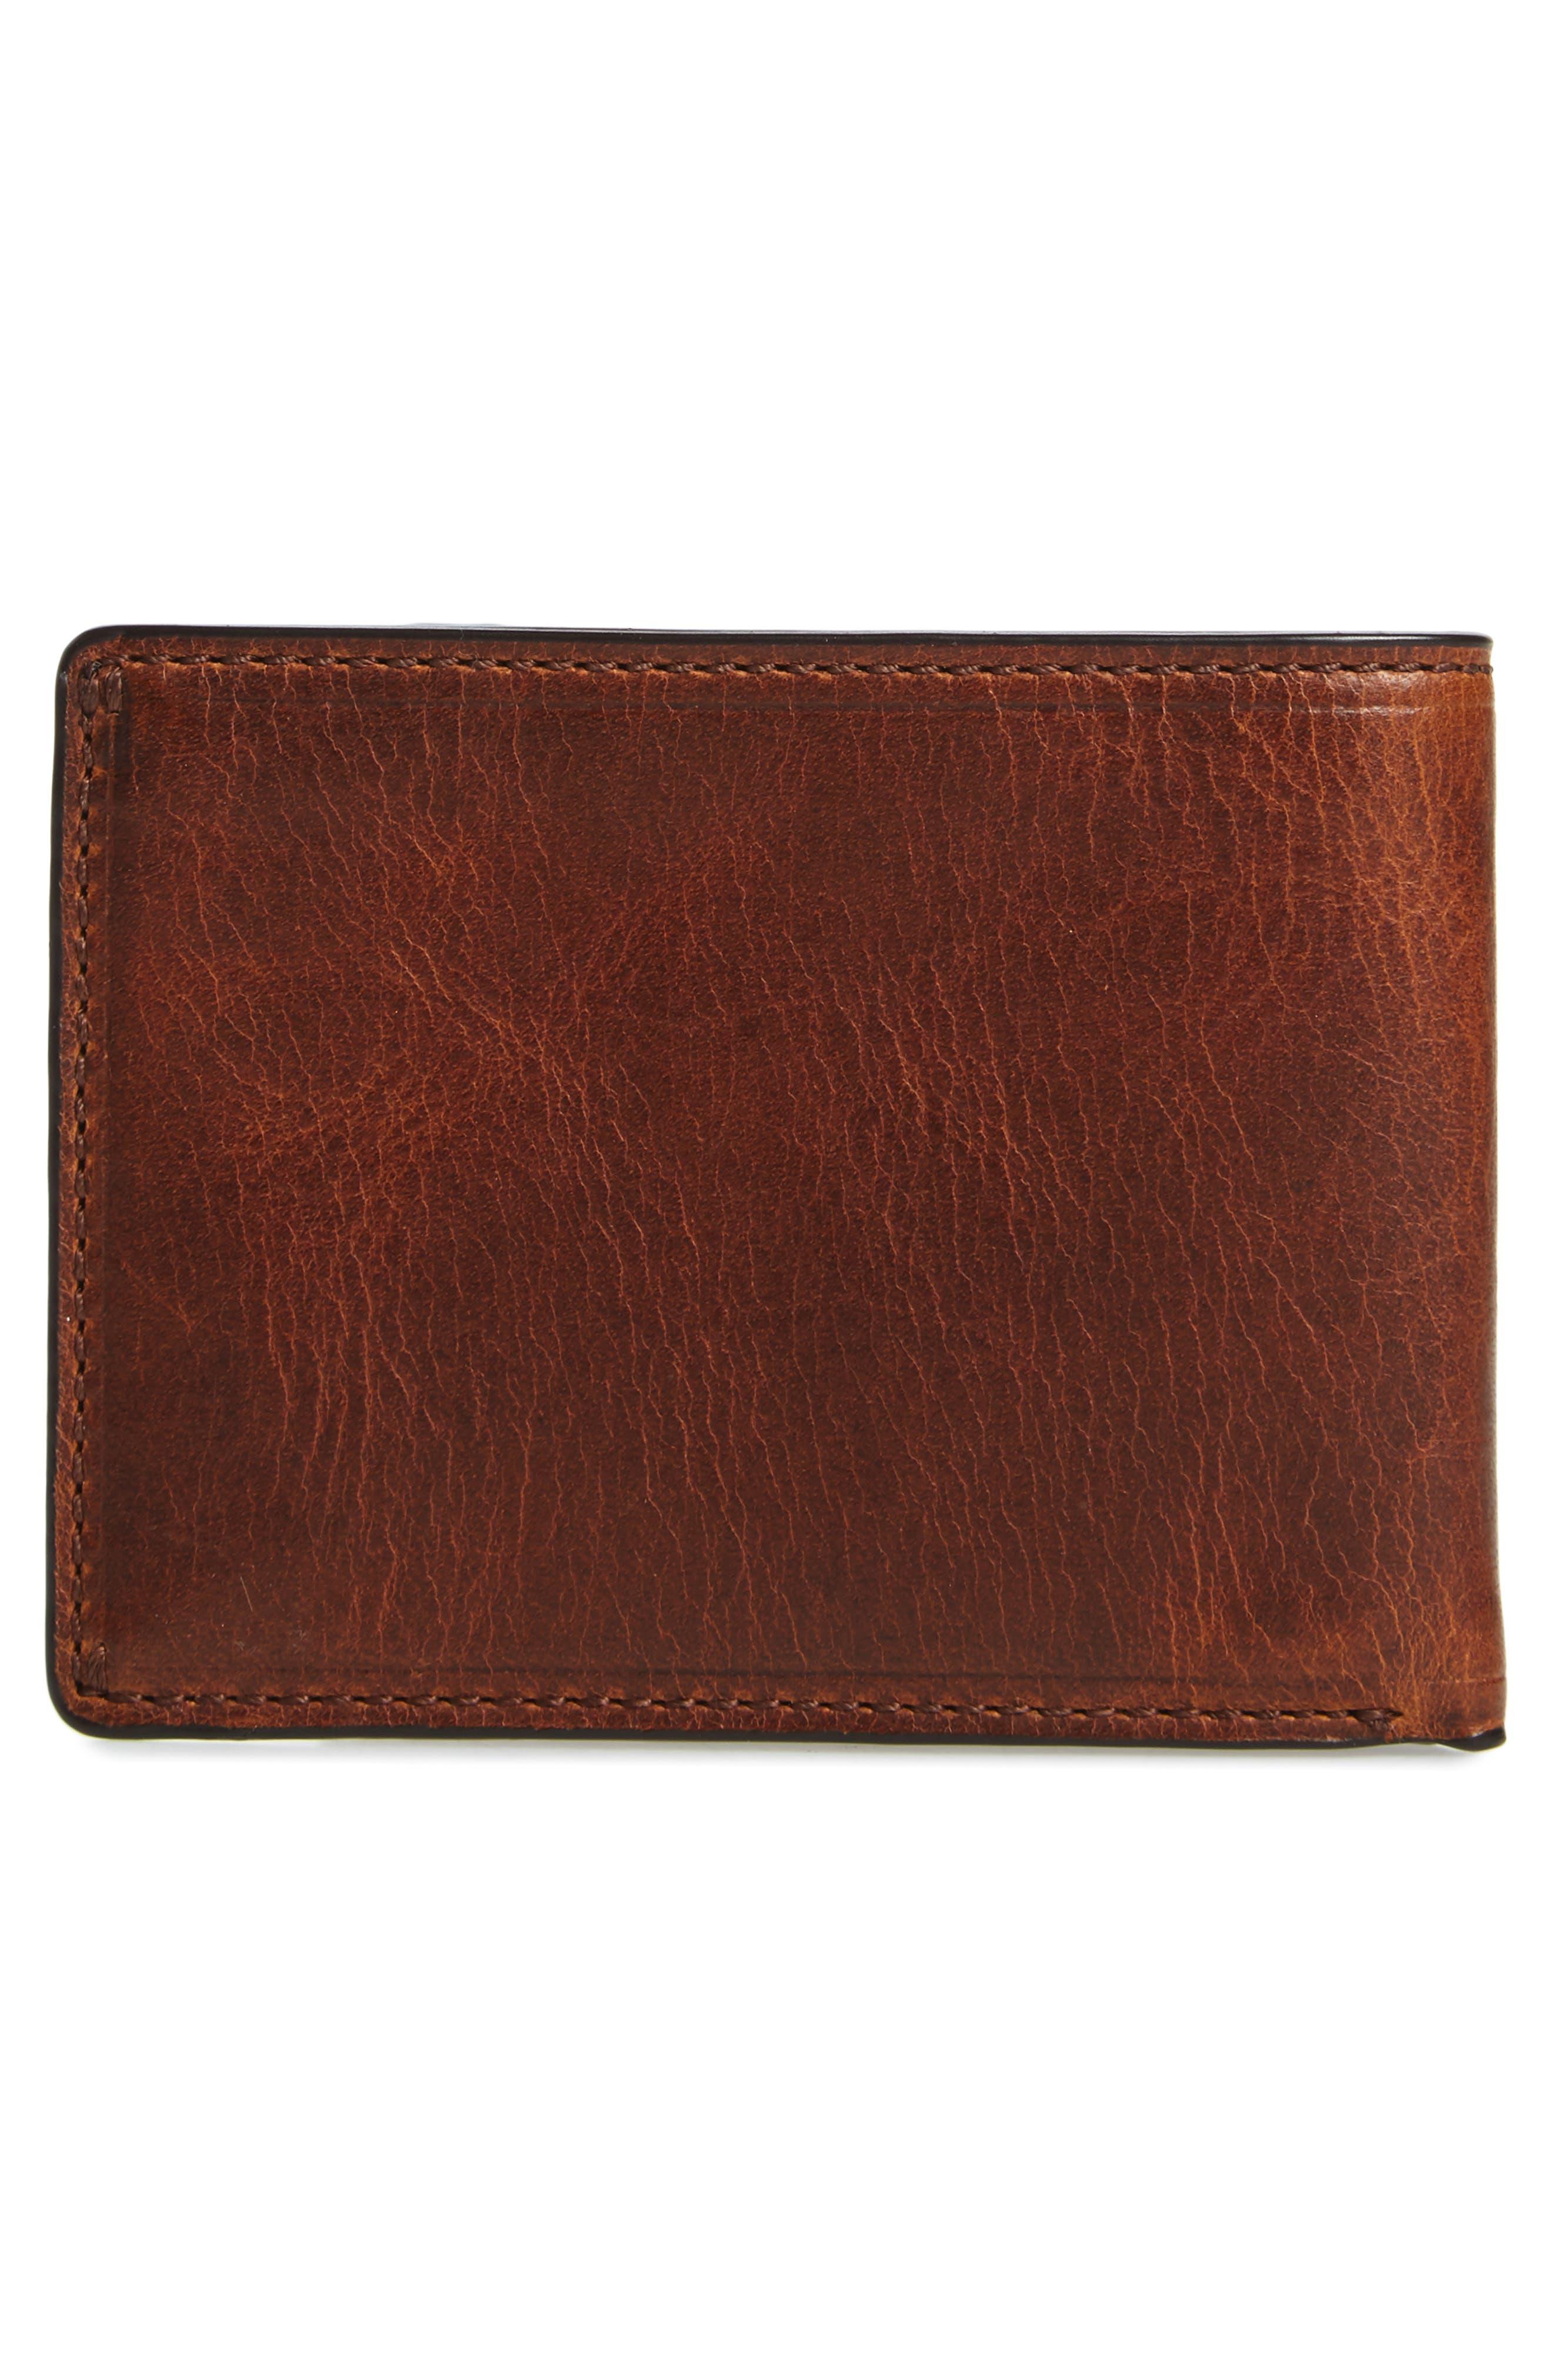 Logan Leather Wallet,                             Alternate thumbnail 3, color,                             Cognac